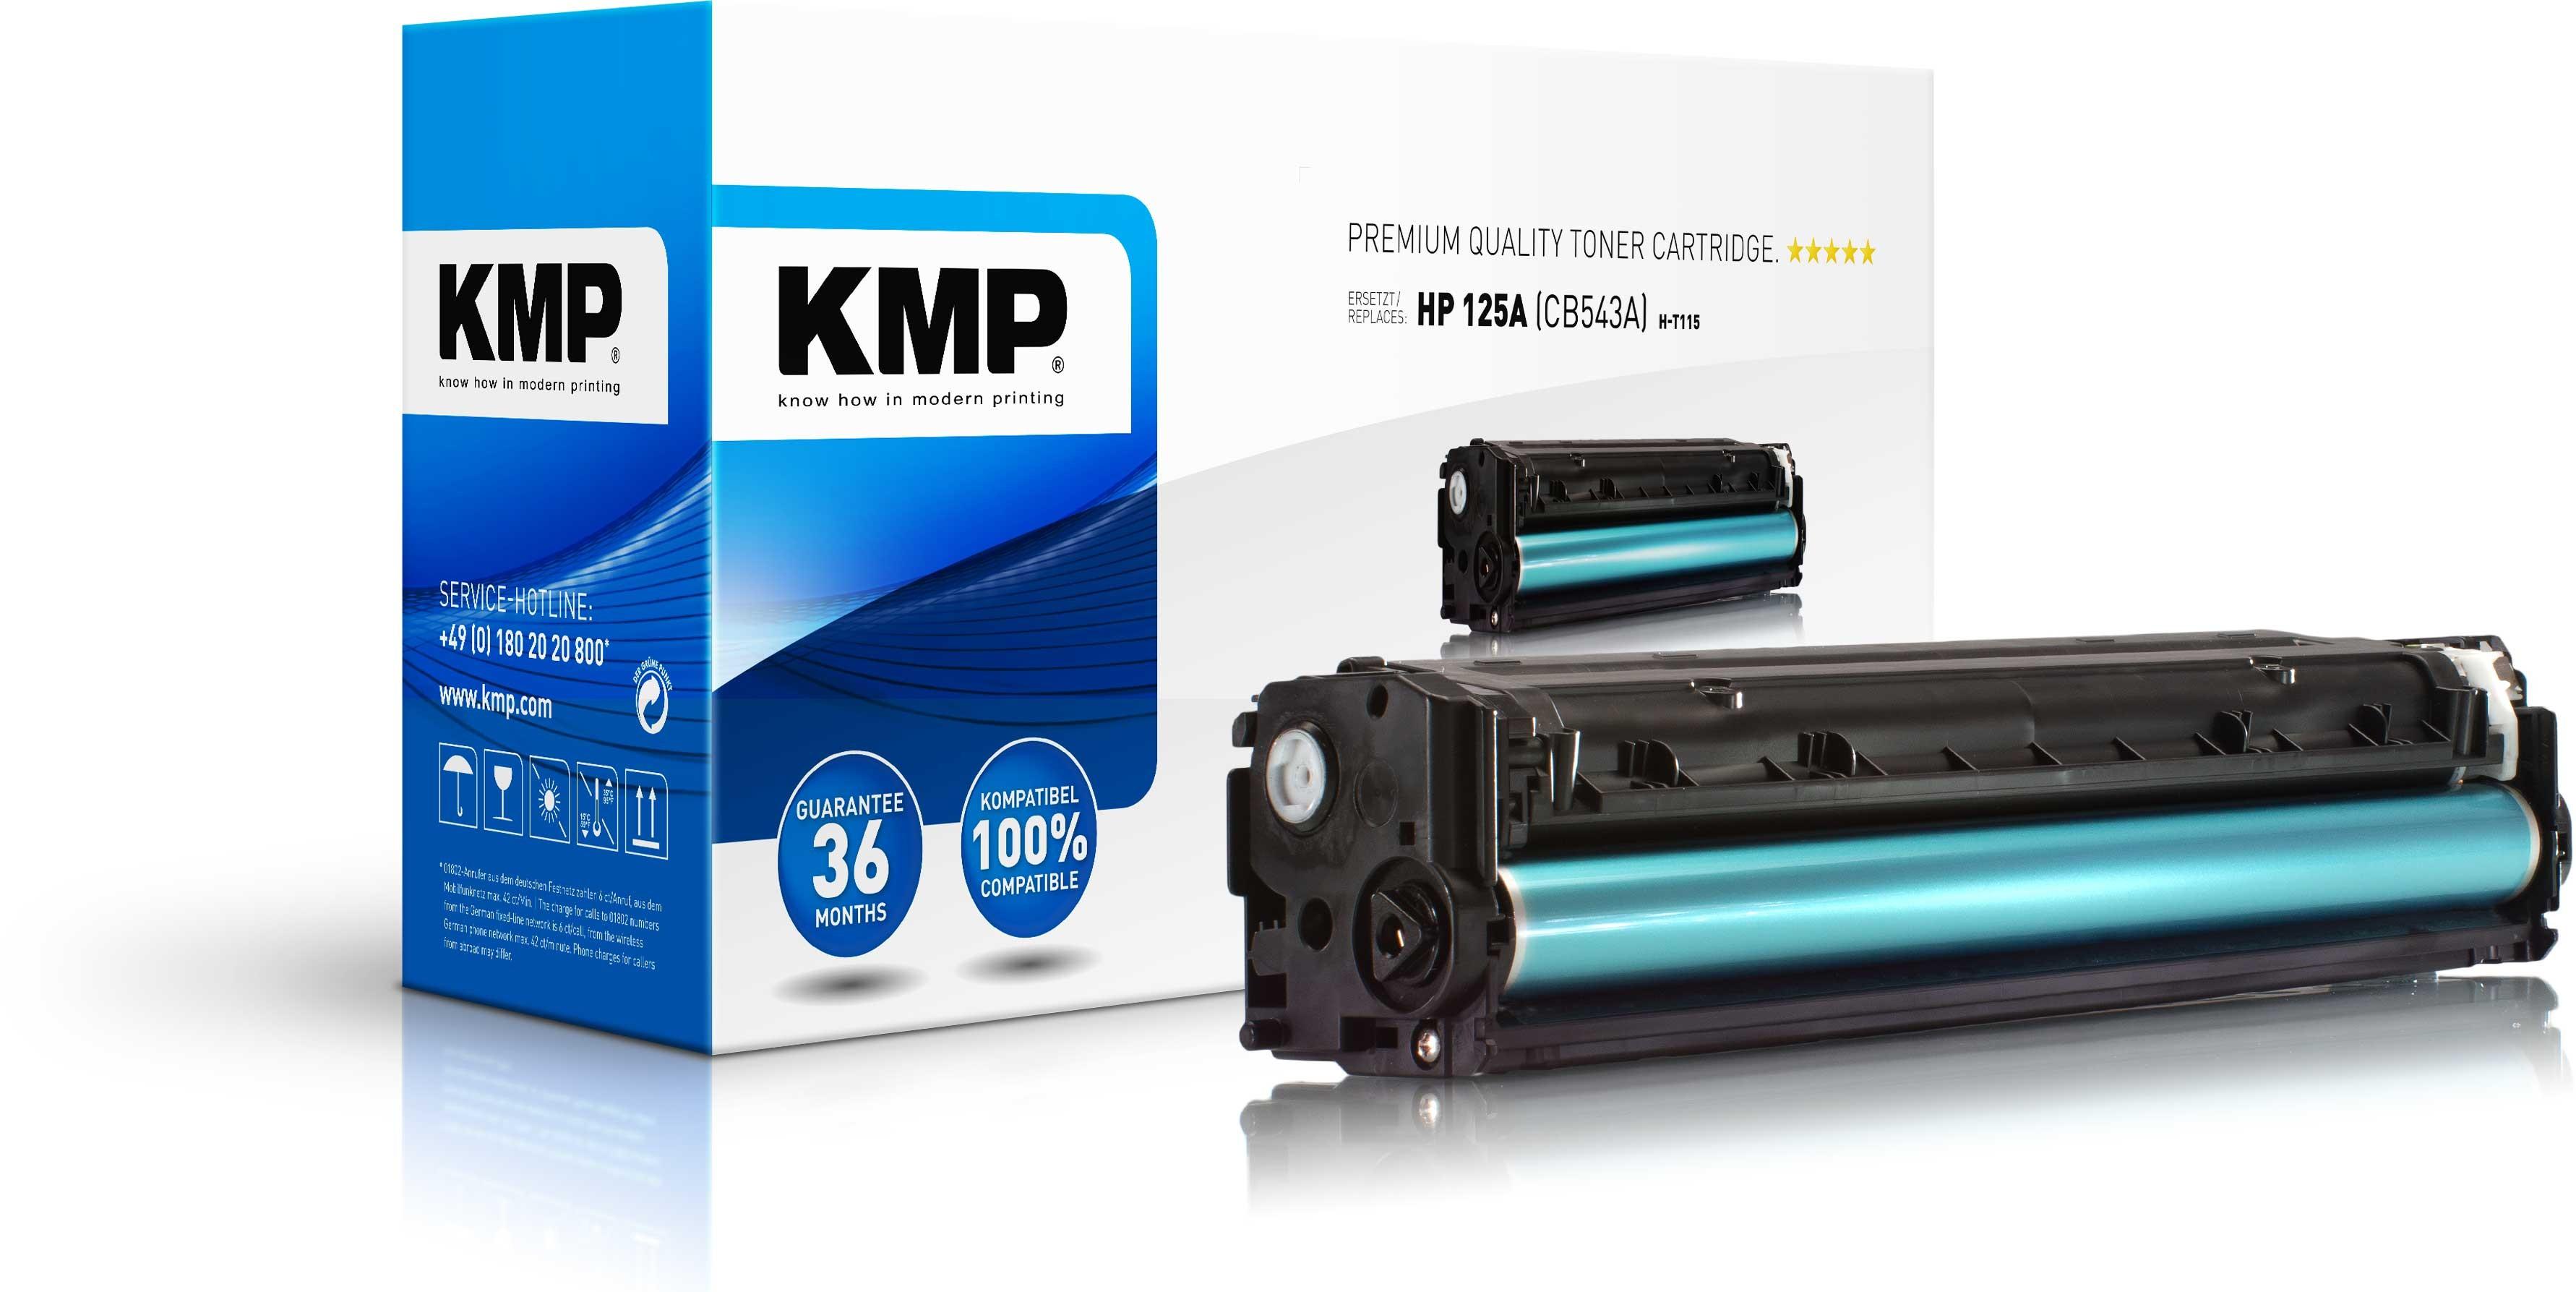 Vorschau: KMP Toner für HP 125A (CB543A) Color Laserjet CM1312 CP1210 CP1510 magenta